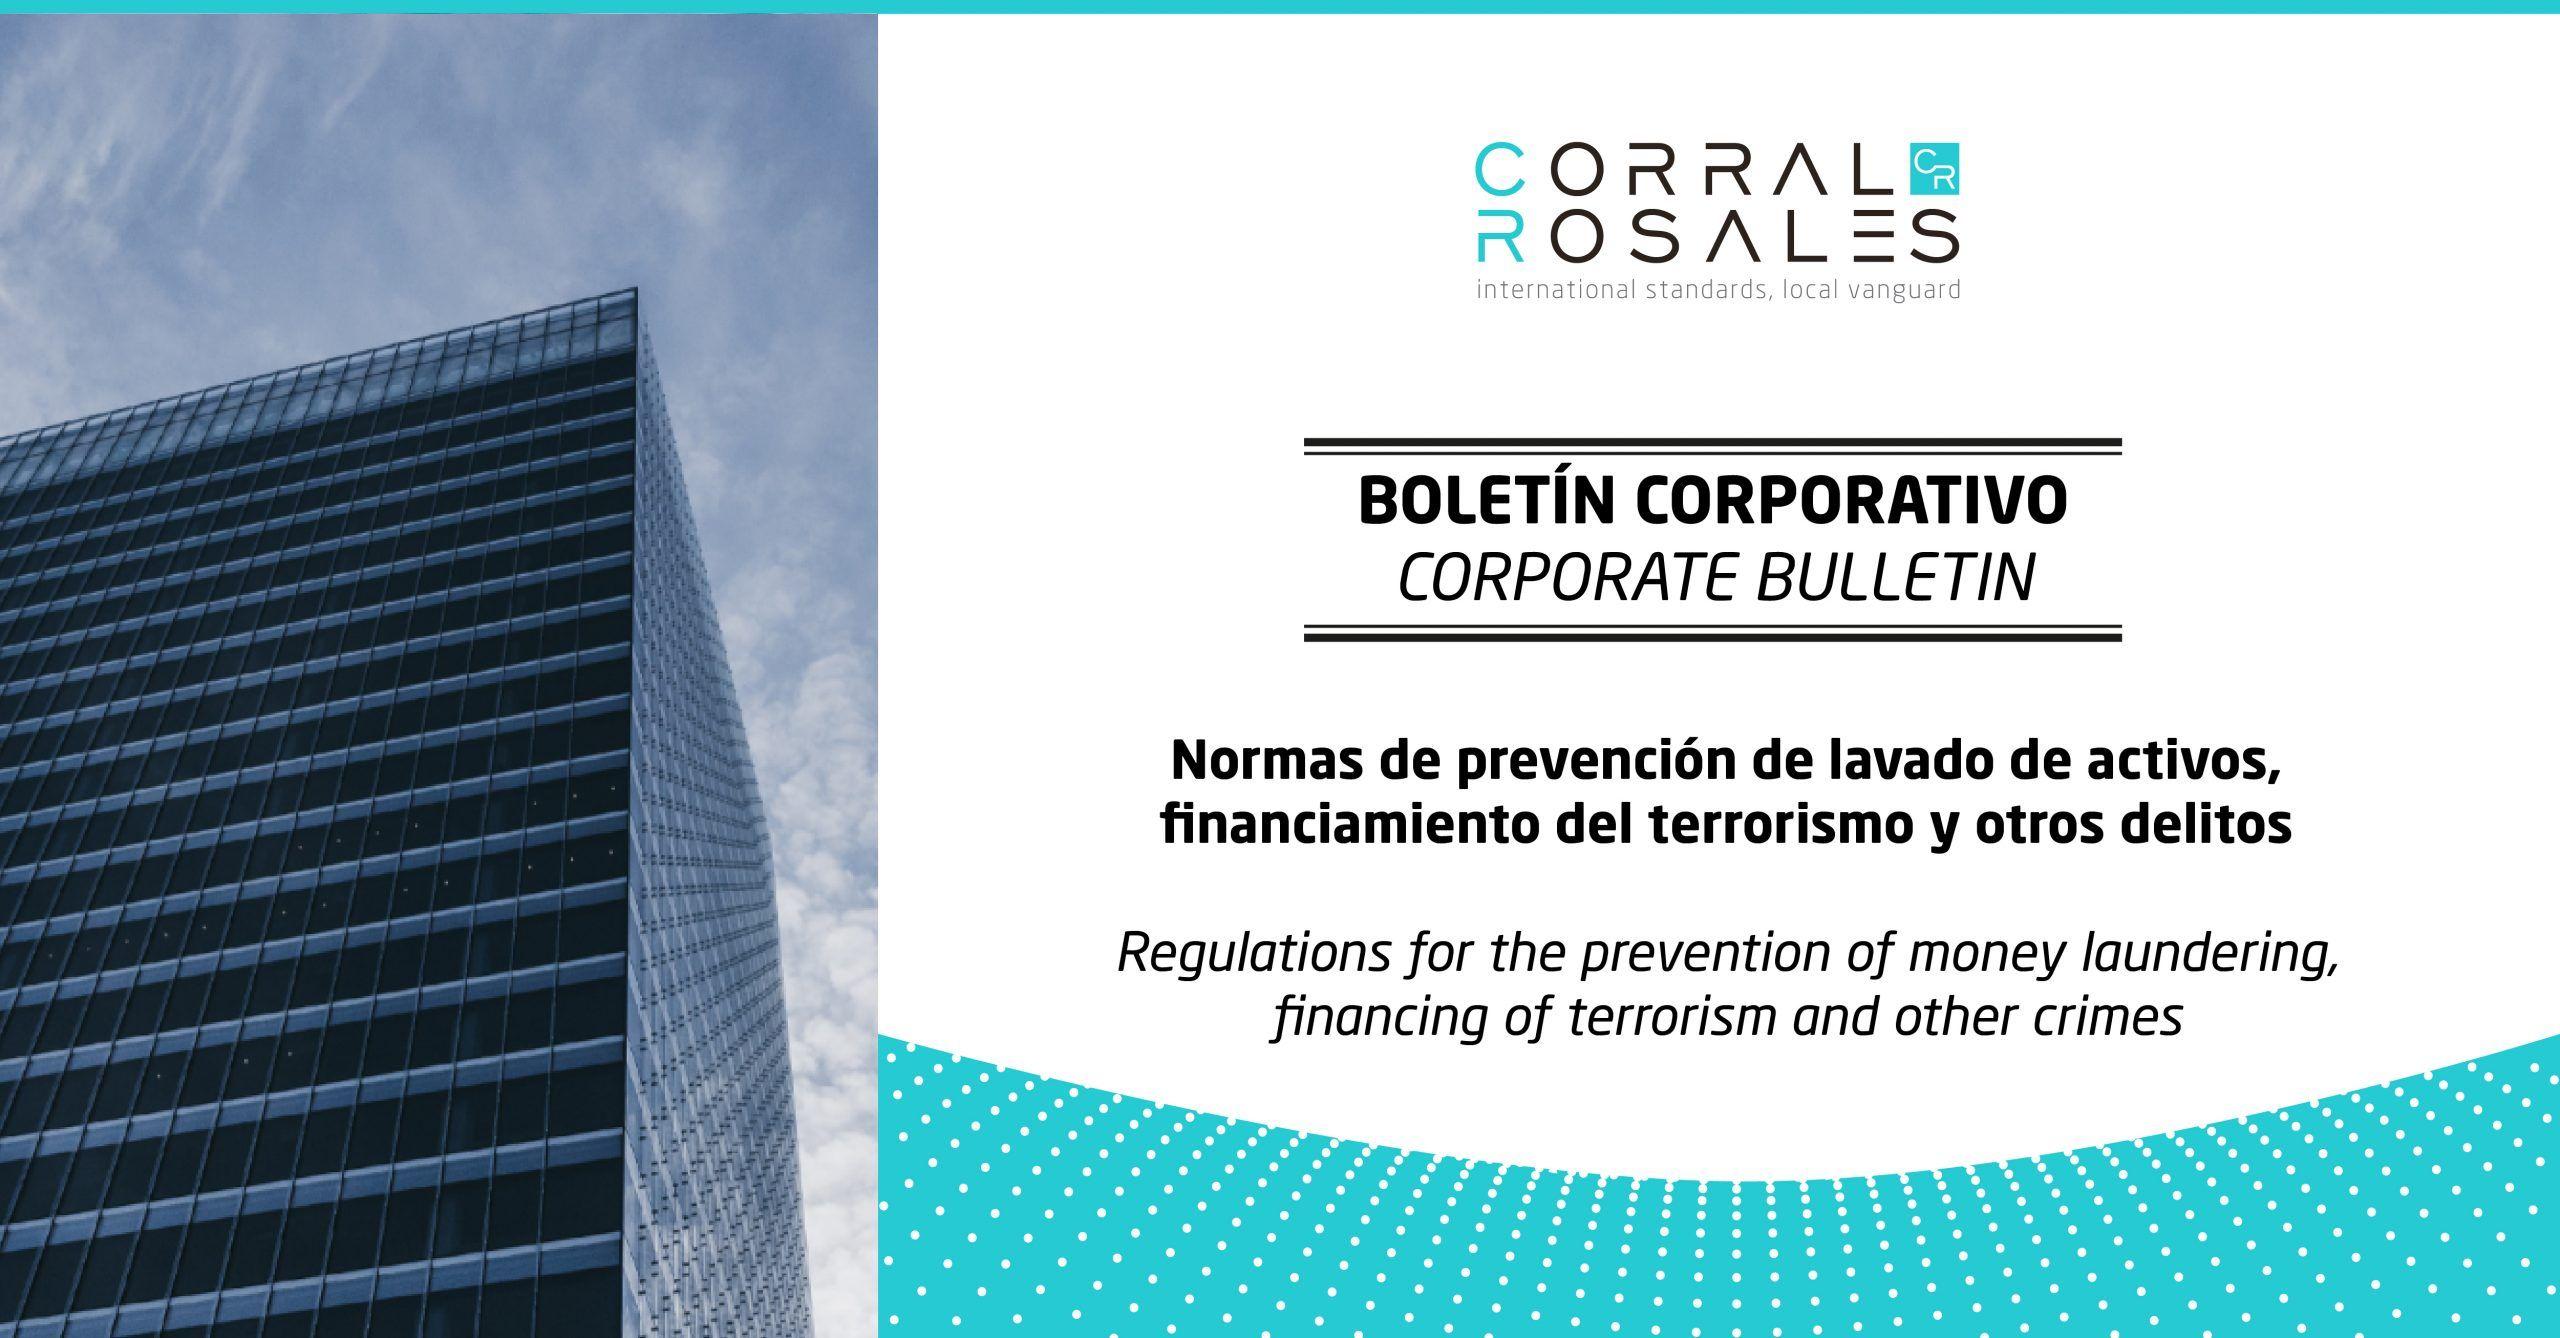 Normas de prevención de lavado de activos, financiamiento del terrorismo y otros delitos - CorralRosales - Abogados Ecuador